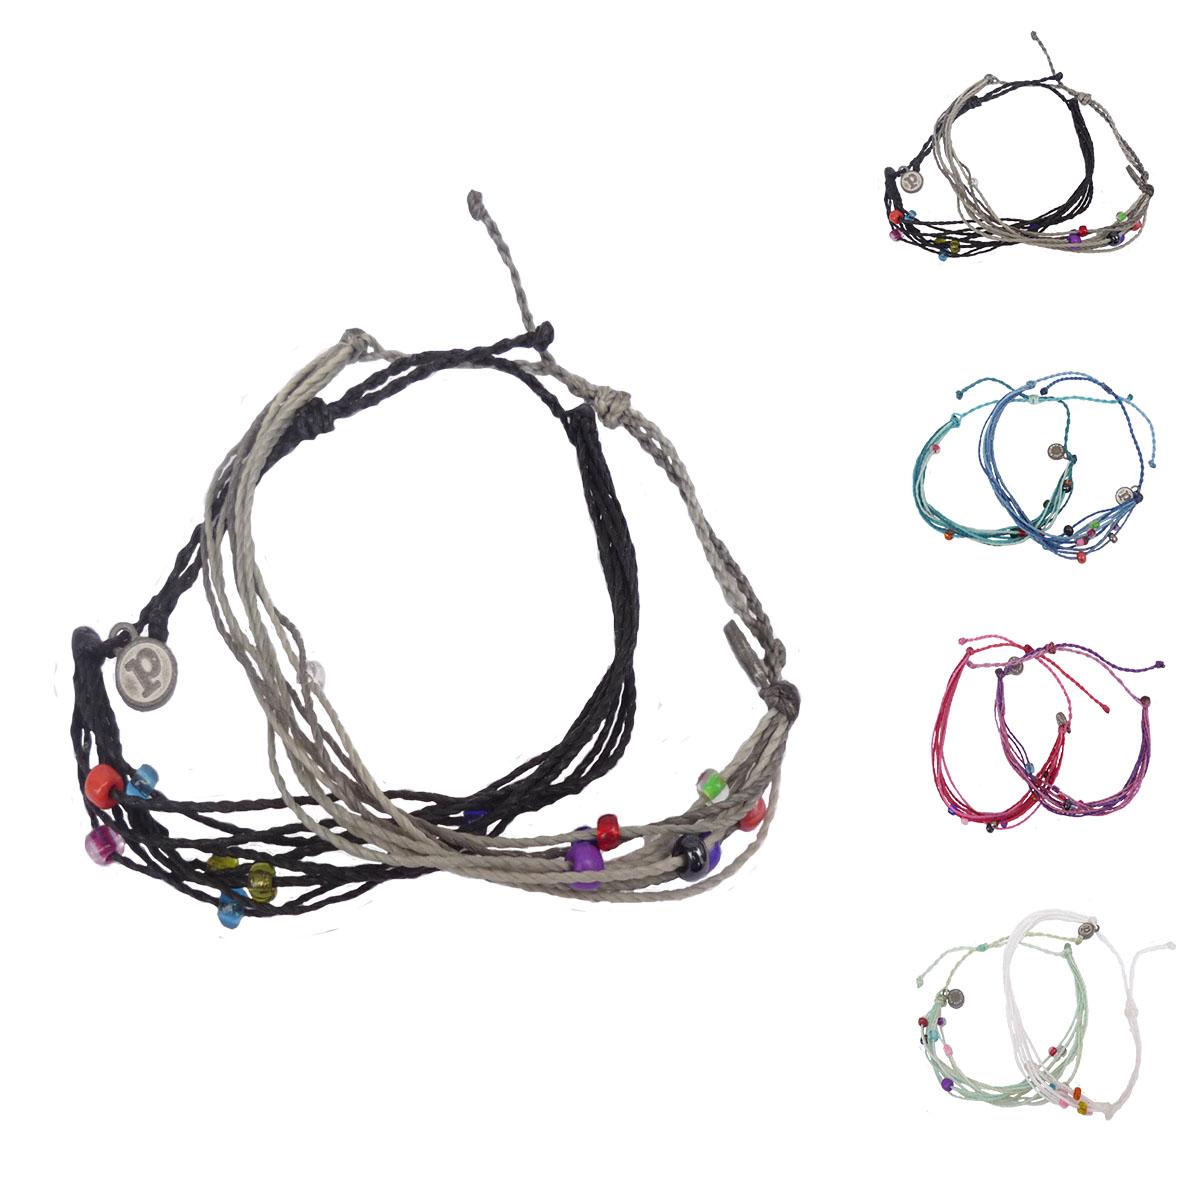 画像1: puravida bracelets プラヴィダブレスレット ビーズ×2本セット レディース/メンズ (1)